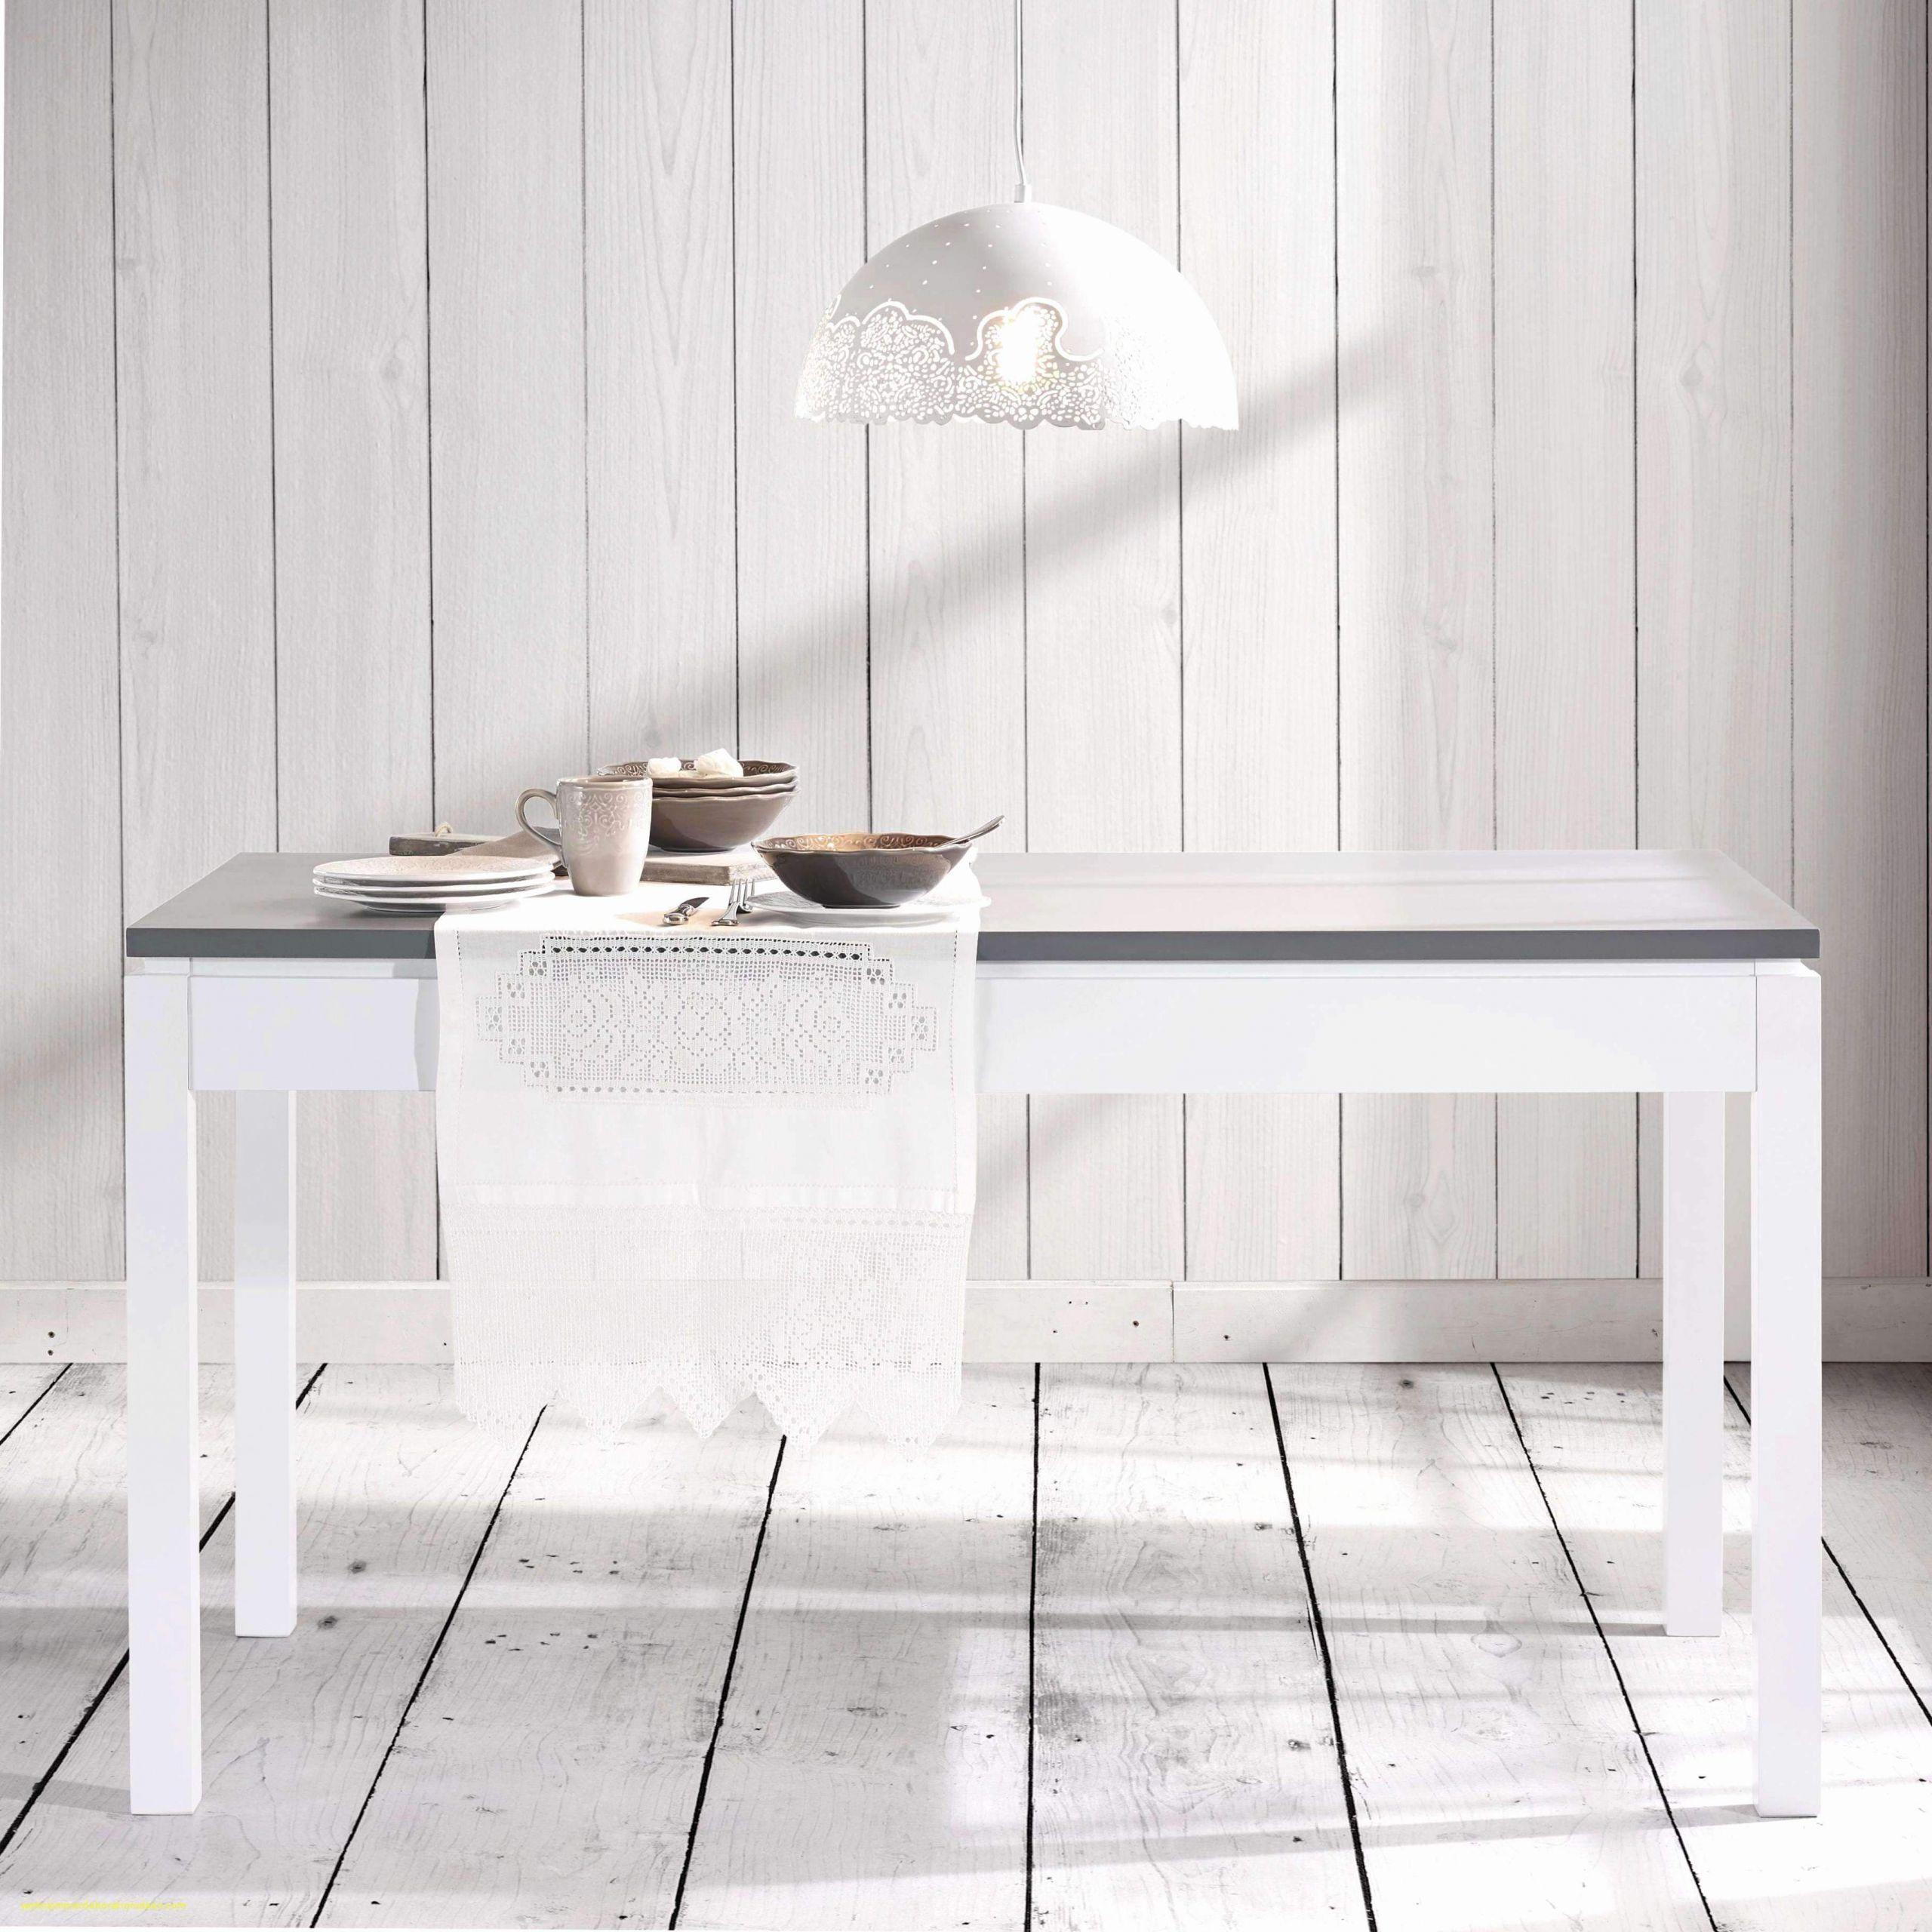 Deko Ideen Für Garten Luxus 26 Neu Wohnzimmer Ideen Für Kleine Räume Frisch